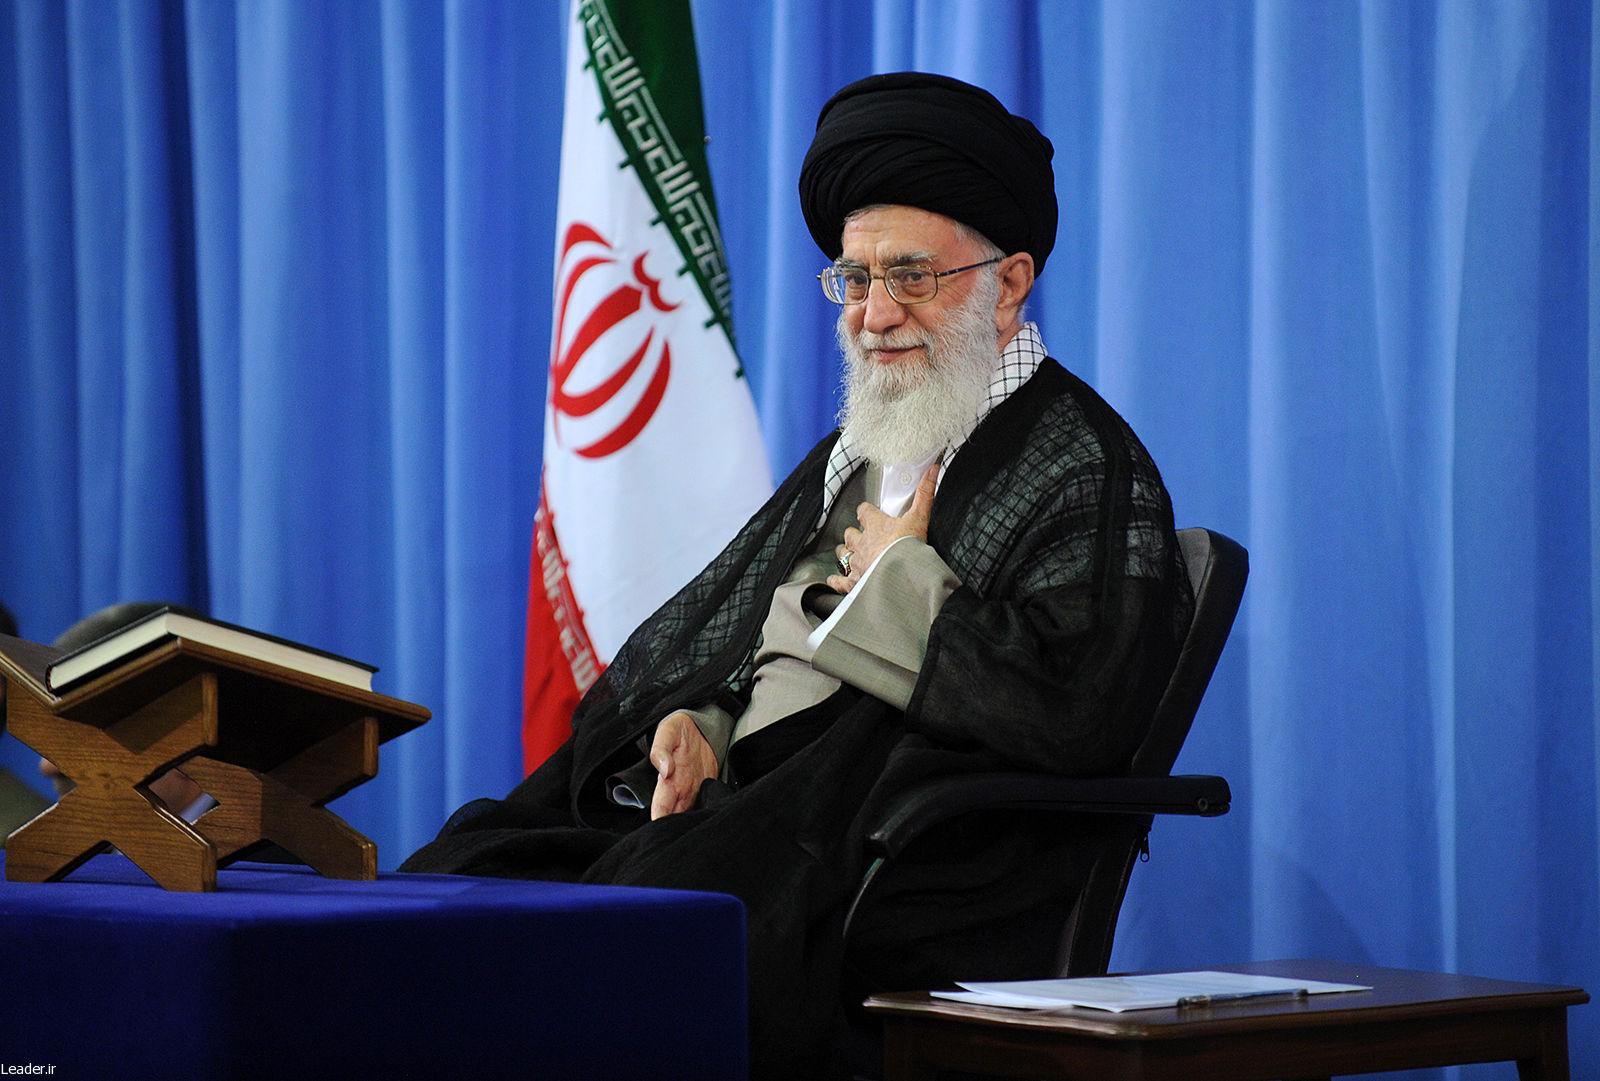 موافقت رهبر انقلاب با عفو یا تخفیف مجازات محکومان